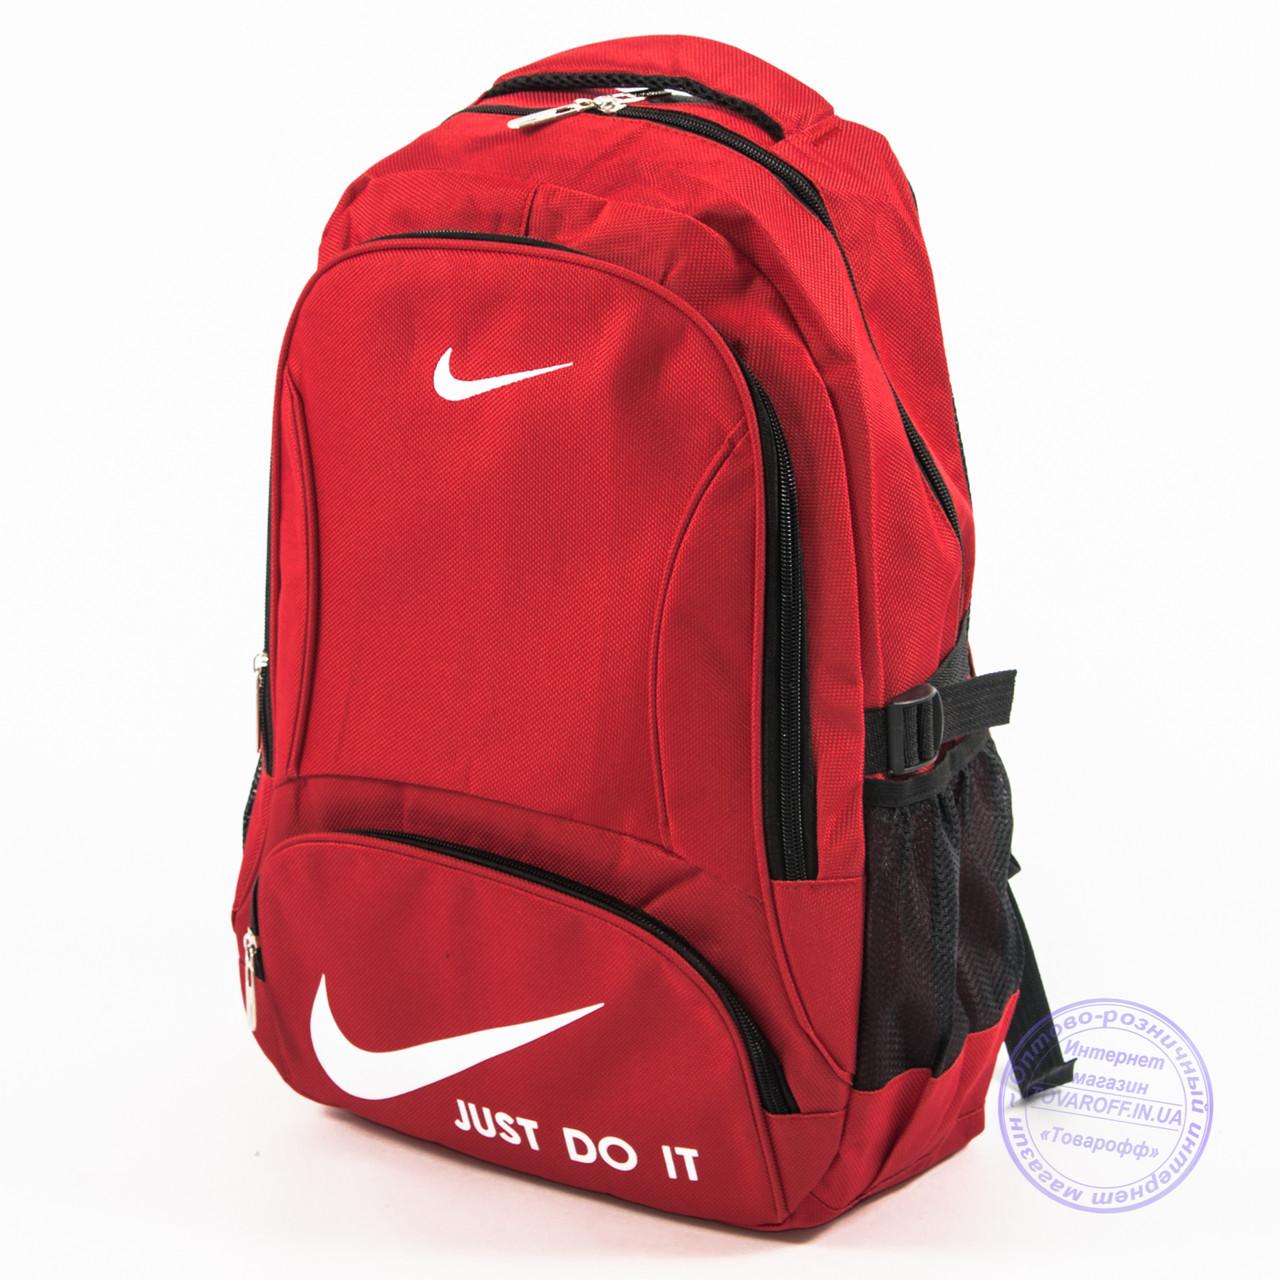 a2c925cb6351 Спортивный рюкзак Nike - красный - 871: заказ, цены в Украине, Киеве ...